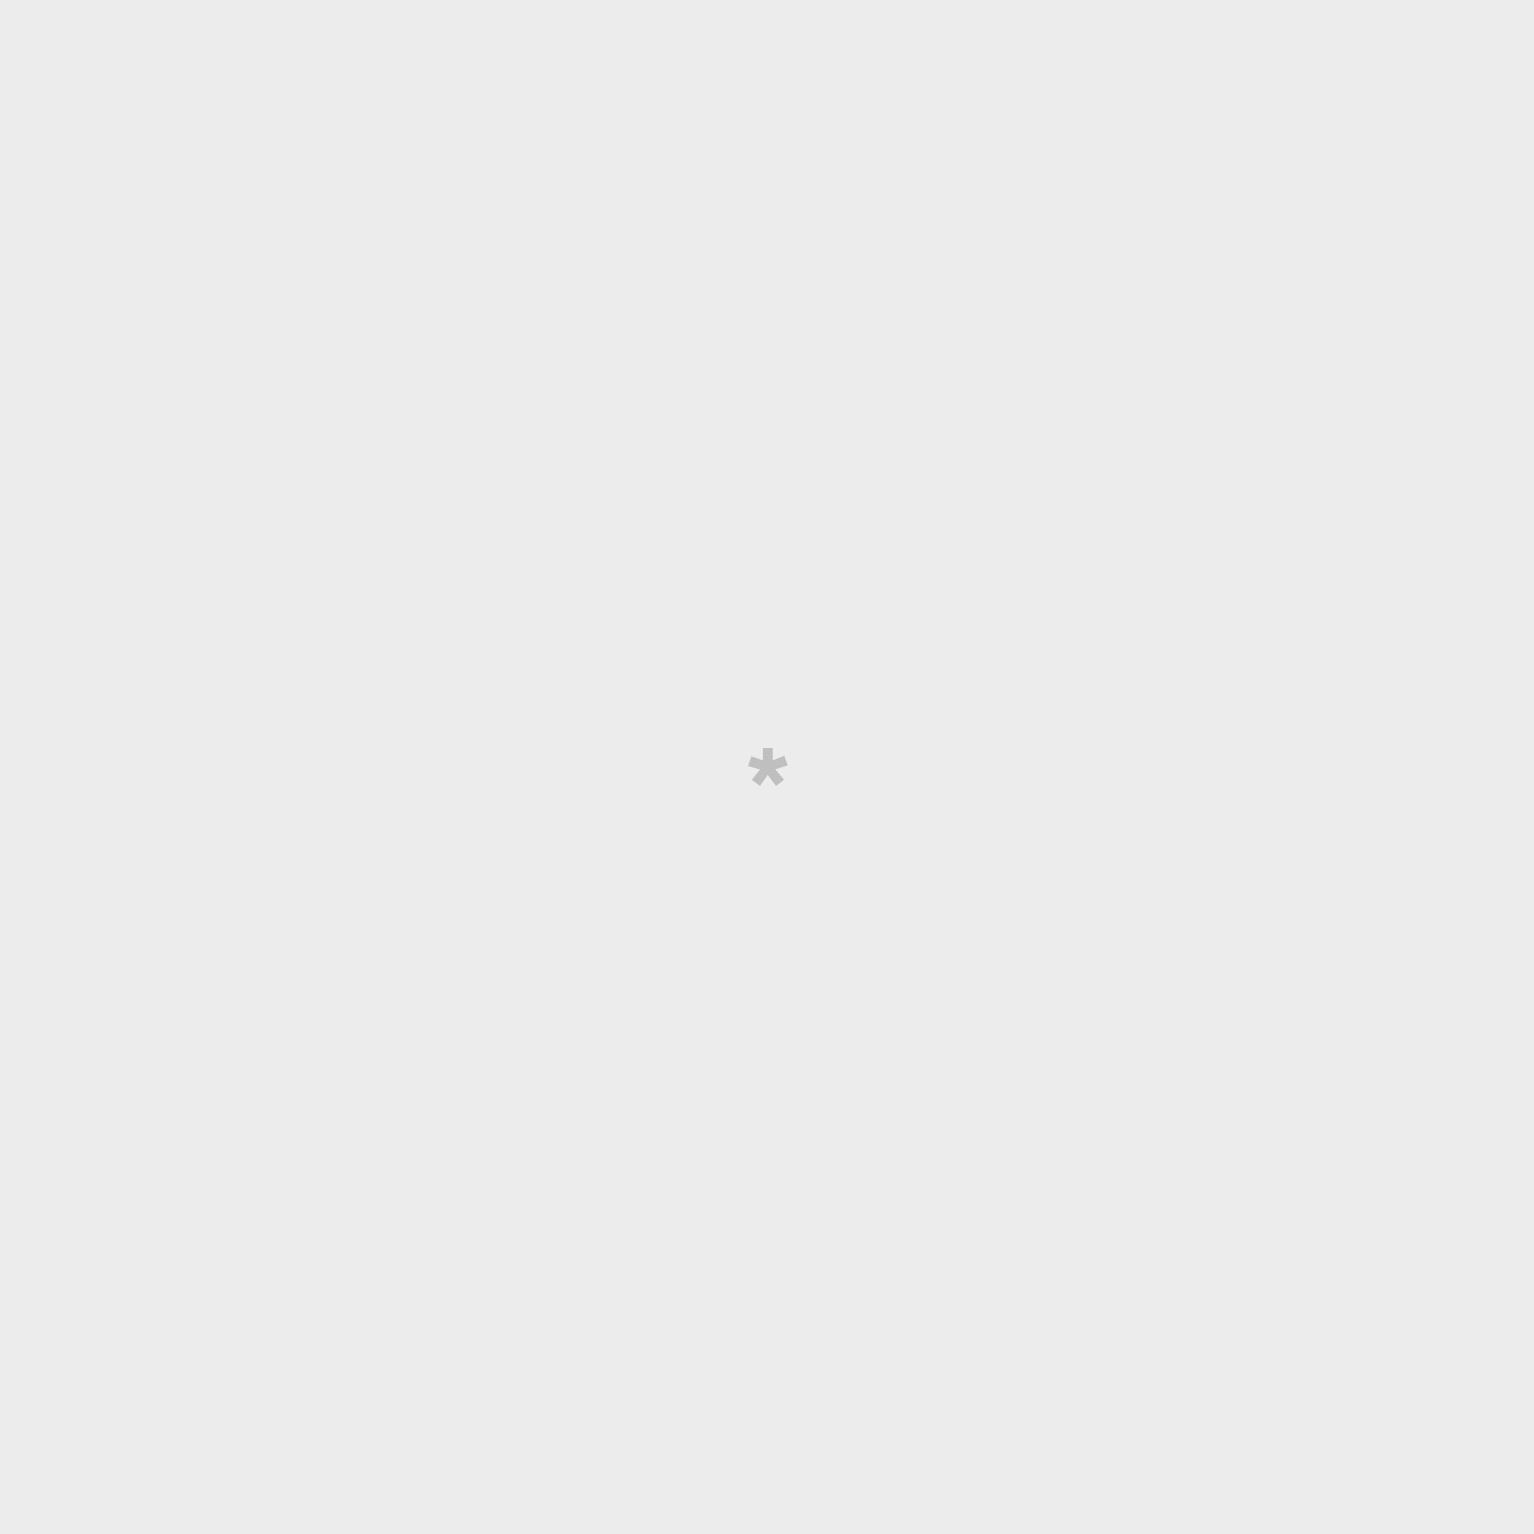 Chávena e pires avó